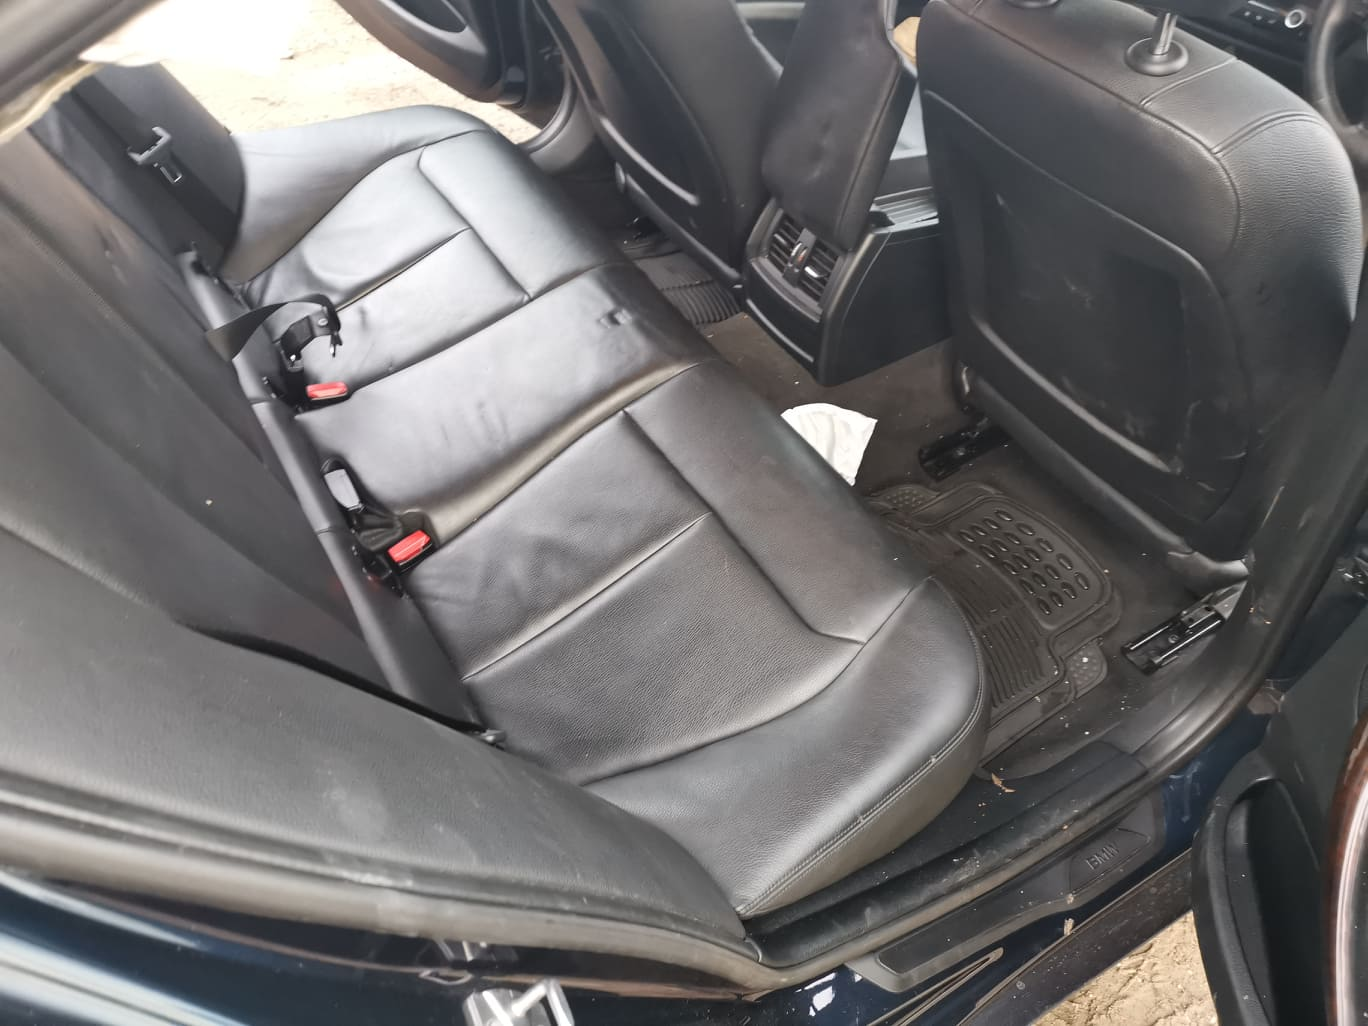 BMW alkatrészek - BMW F30 320D Ülés, kárpit - Carbon Car Center Kft. Békéscsaba 014